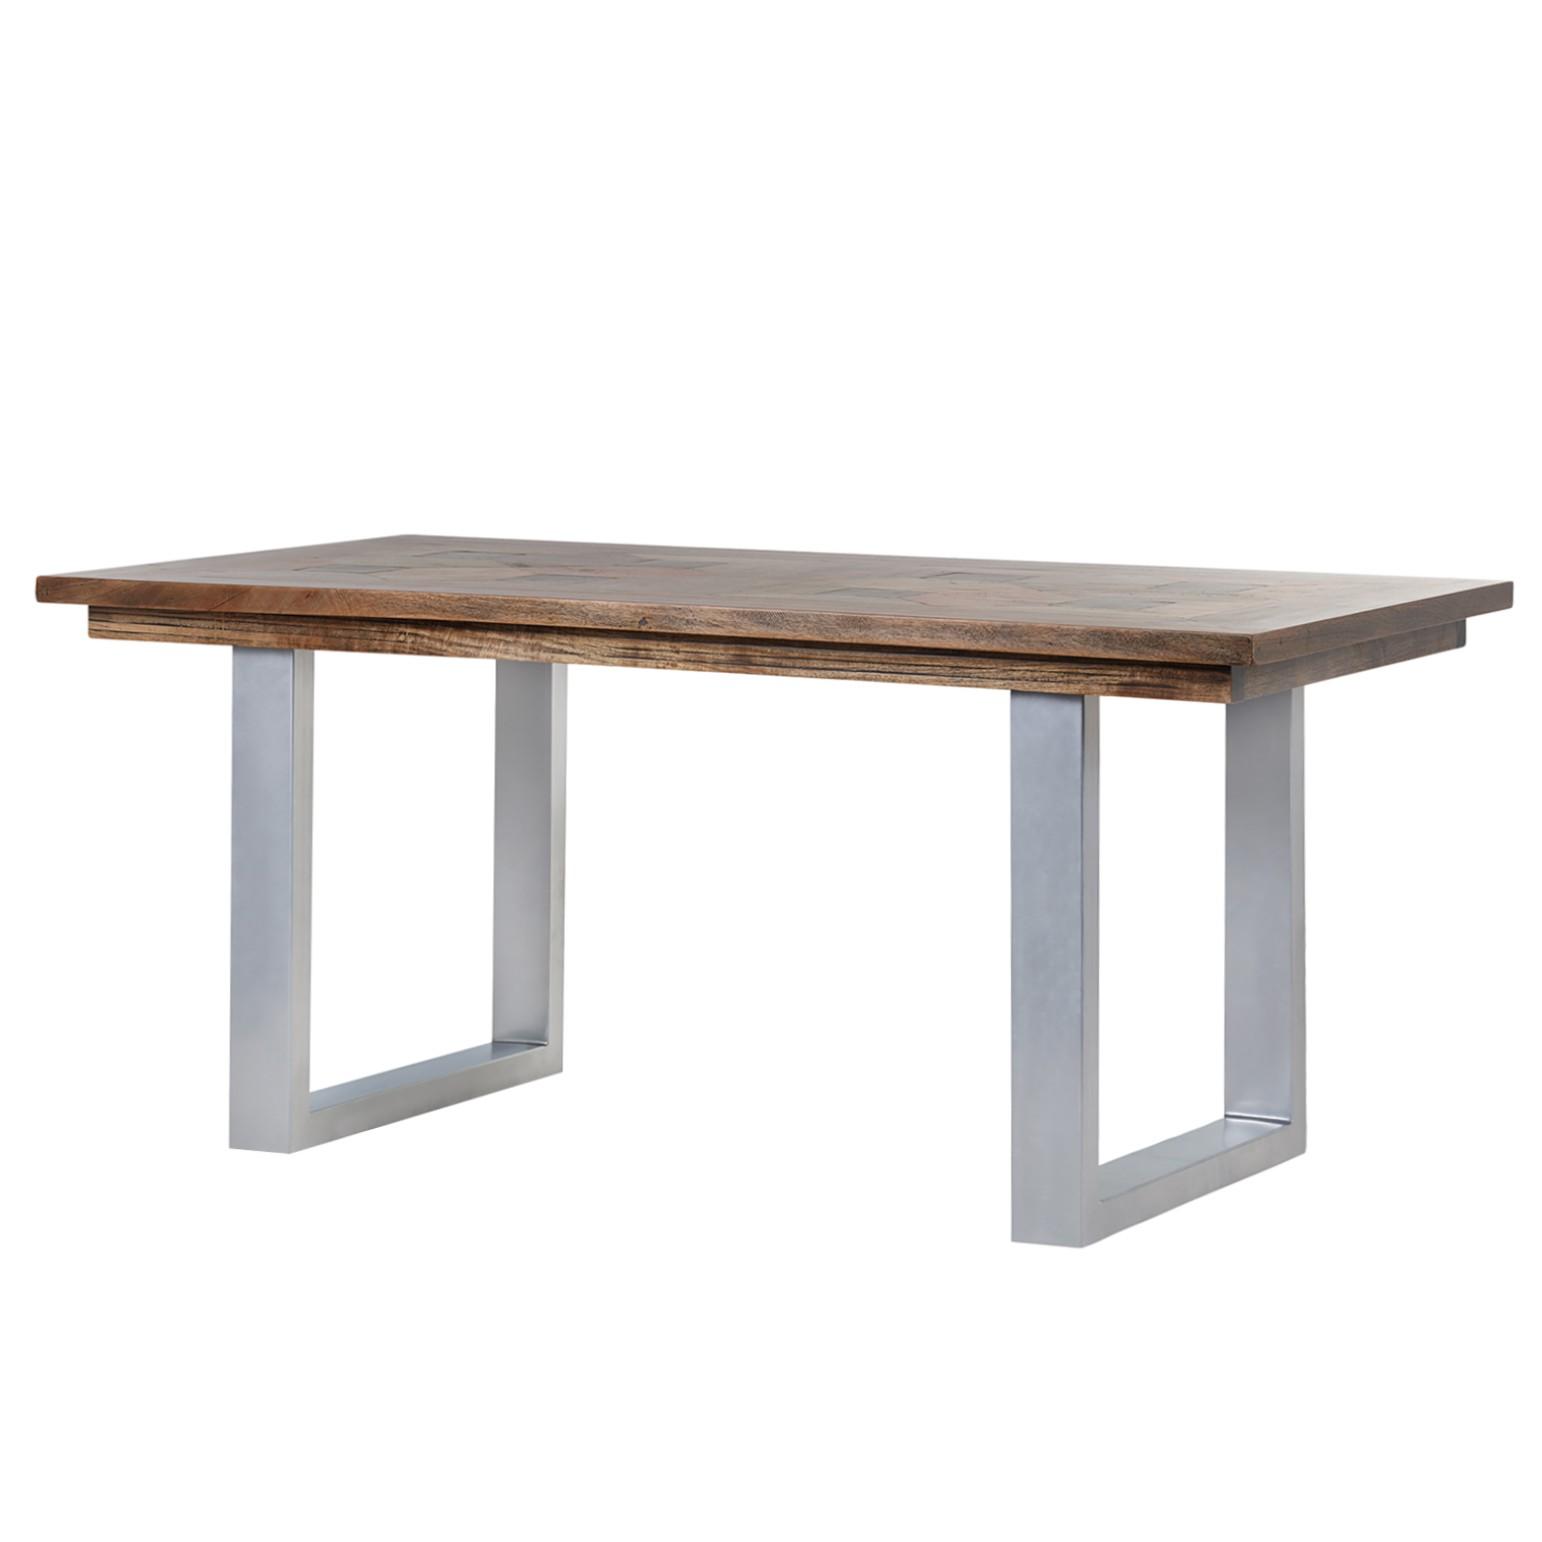 Table à manger Camibar III - Manguier massif / Métal - Manguier / Argenté, Ars Natura